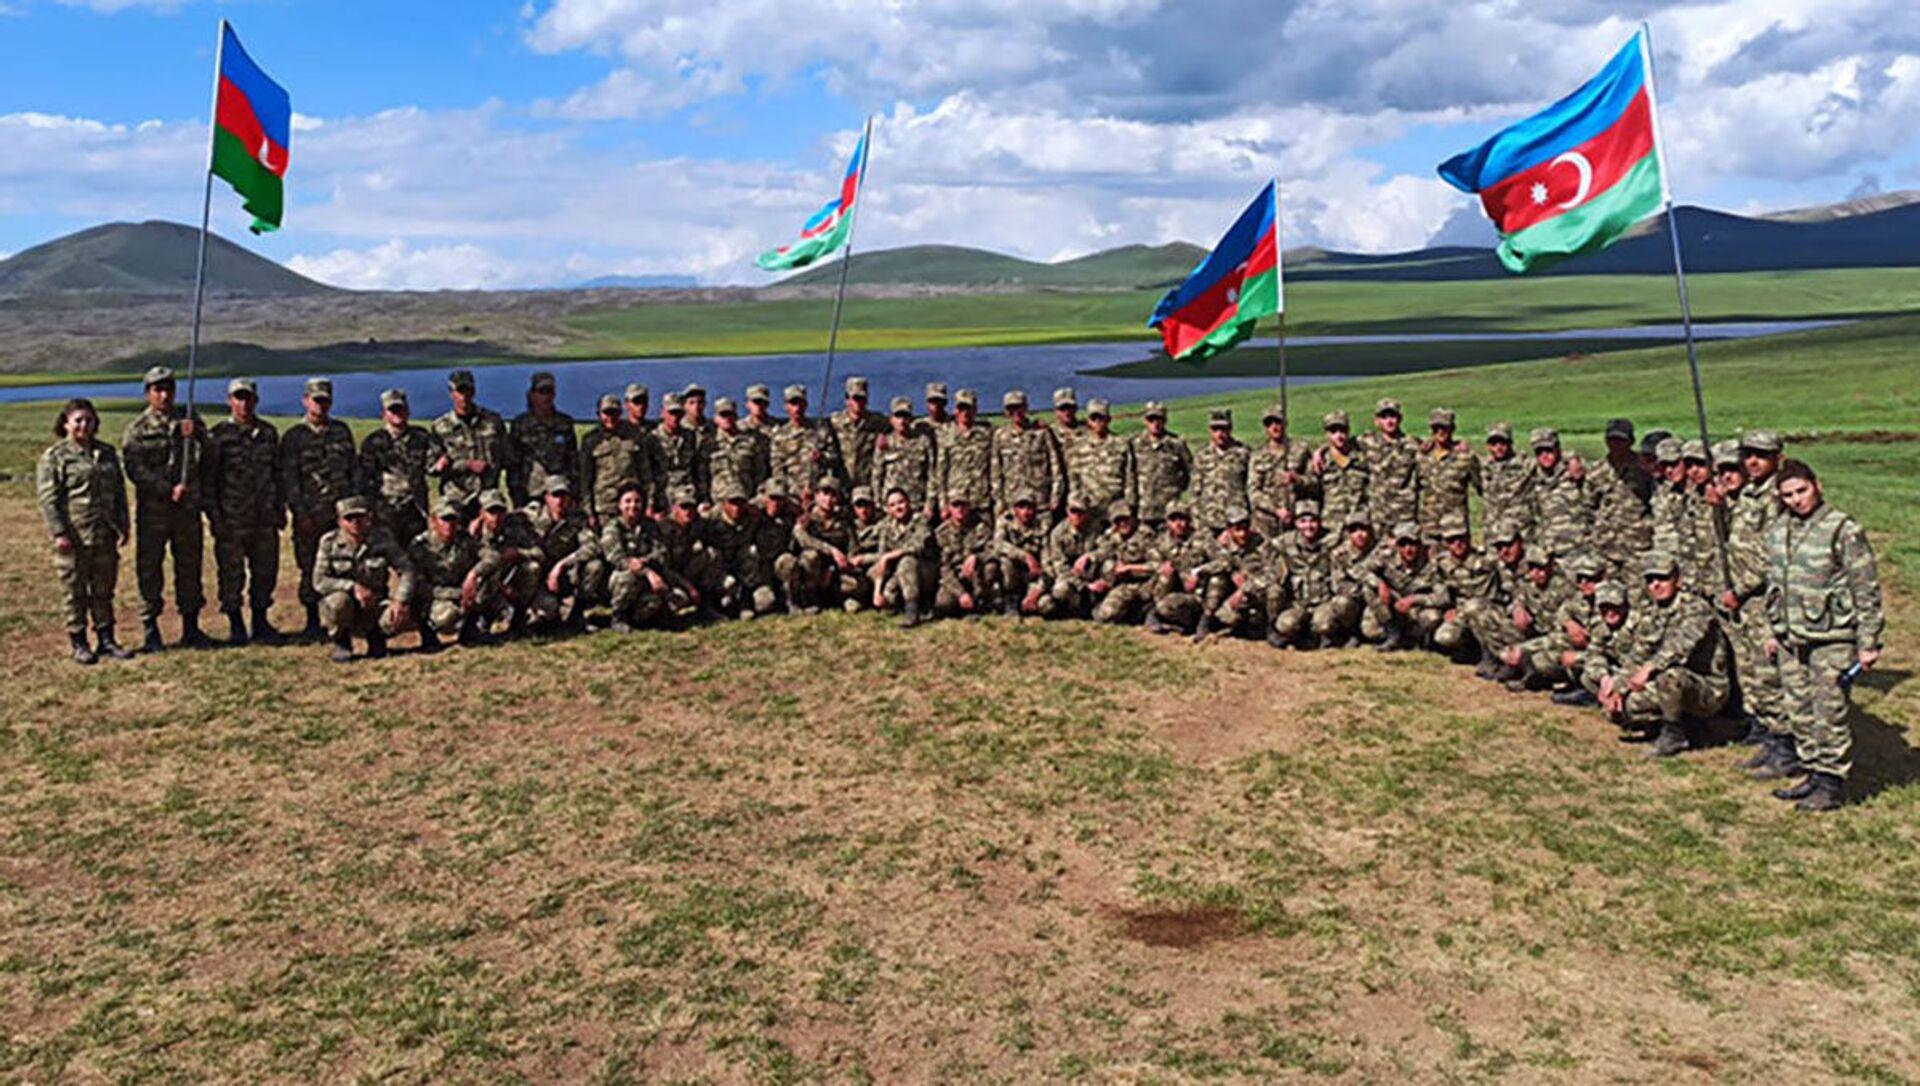 Мероприятия с участием азербайджанских военнослужащих - Sputnik Азербайджан, 1920, 08.06.2021